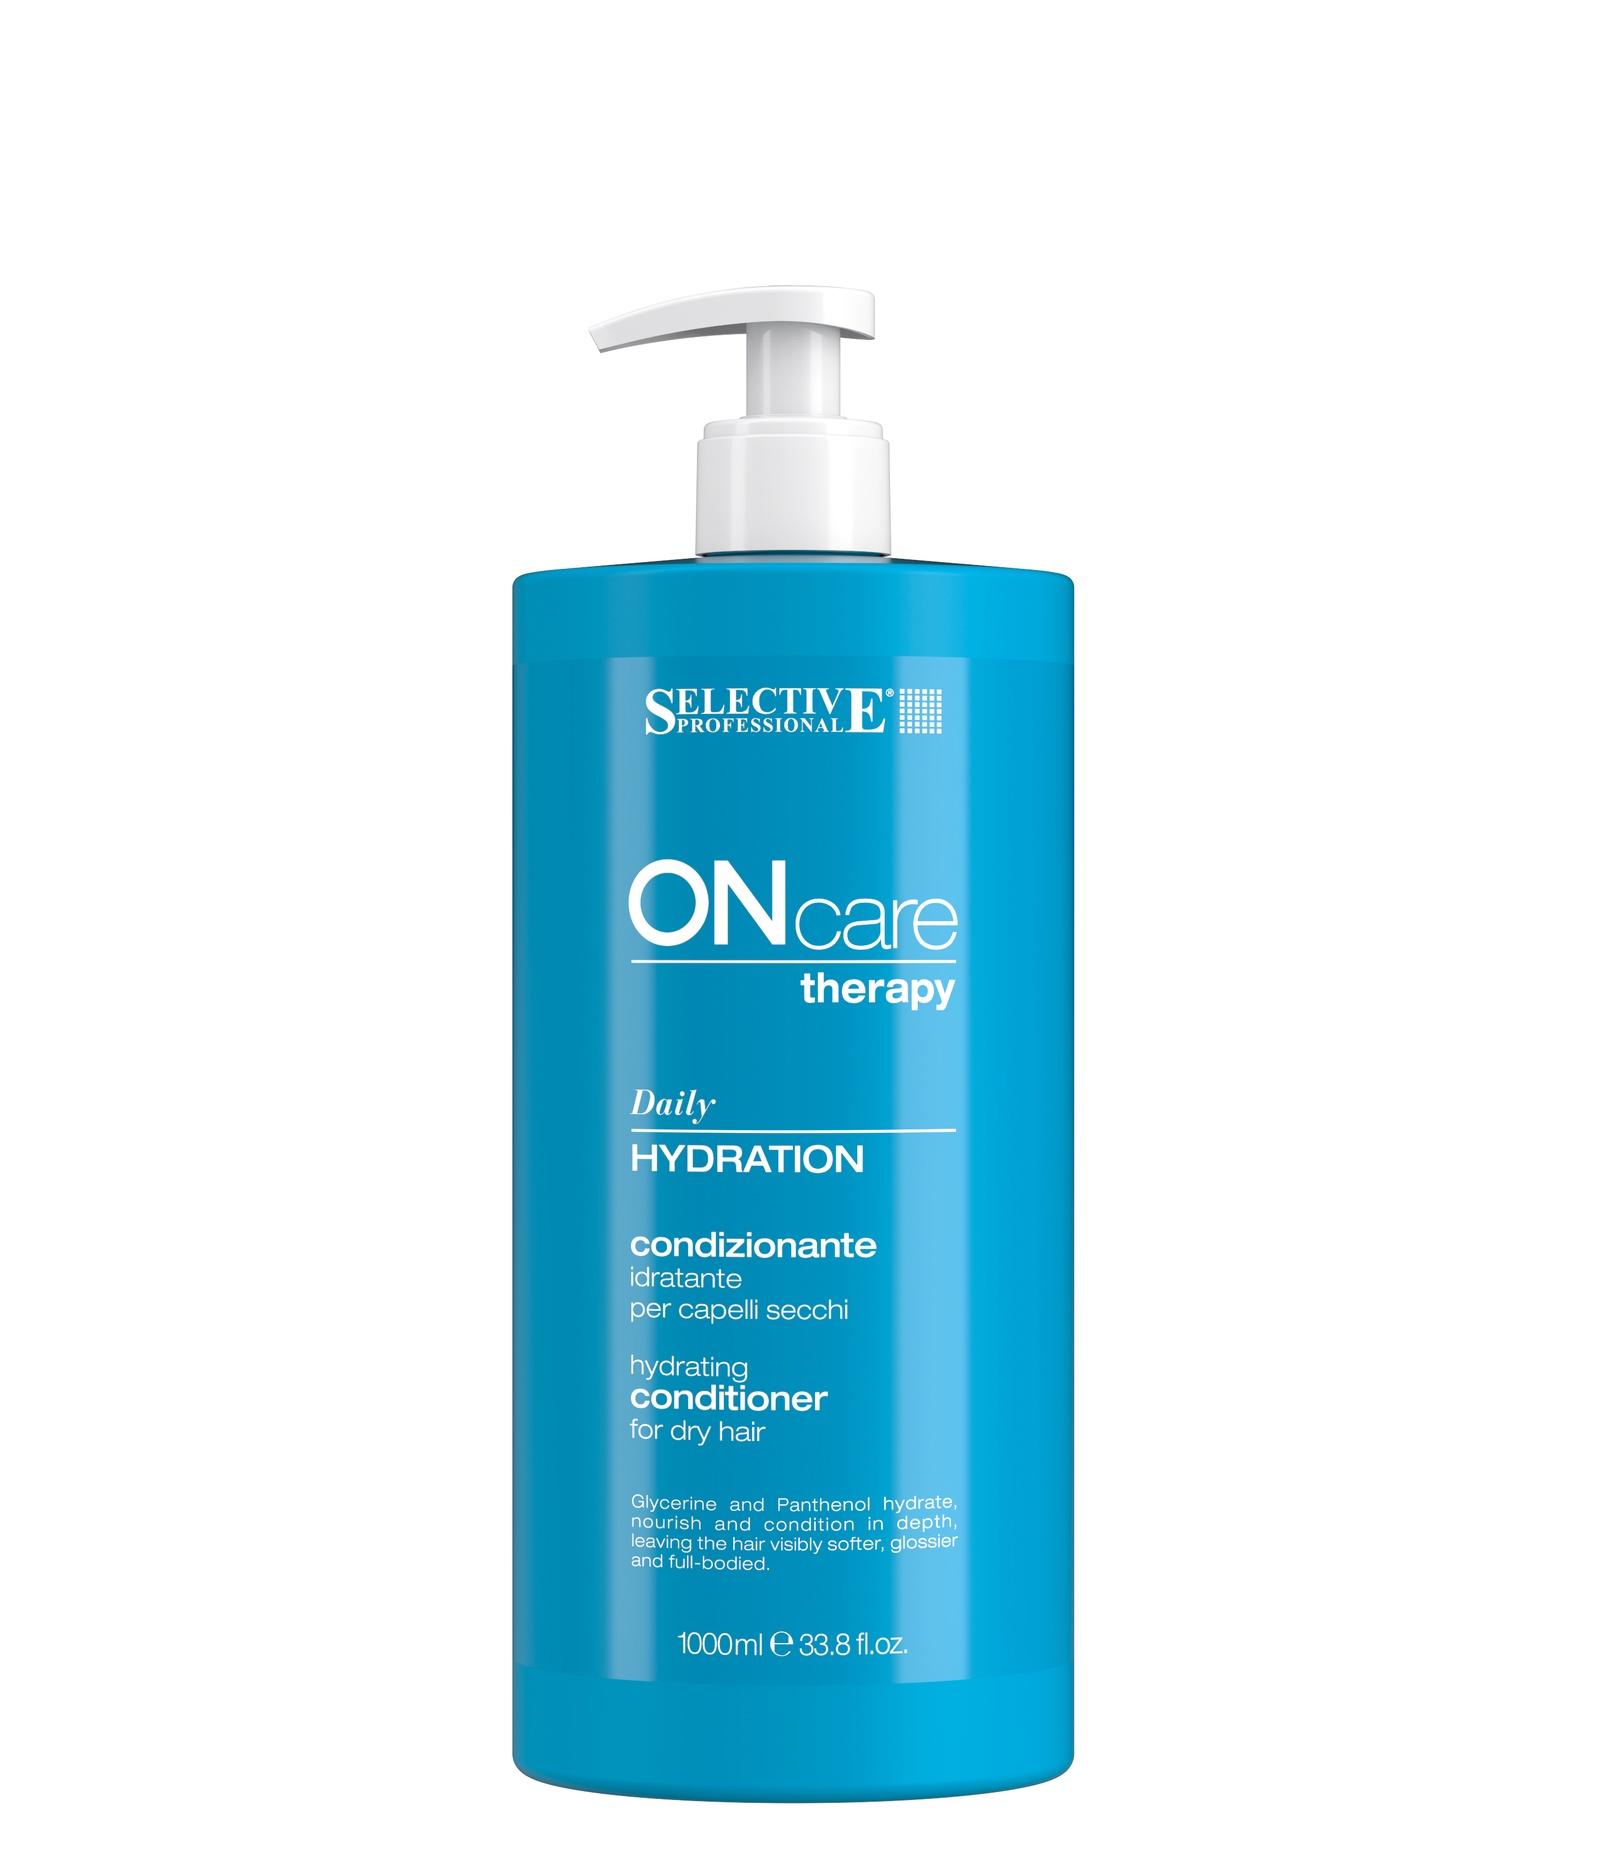 Увлажняющий кондиционер для сухих волос Selective Professional Hydration conditioner, 1000 мл selective professional hydration shampoo шампунь увлажняющий для сухих волос 1000 мл